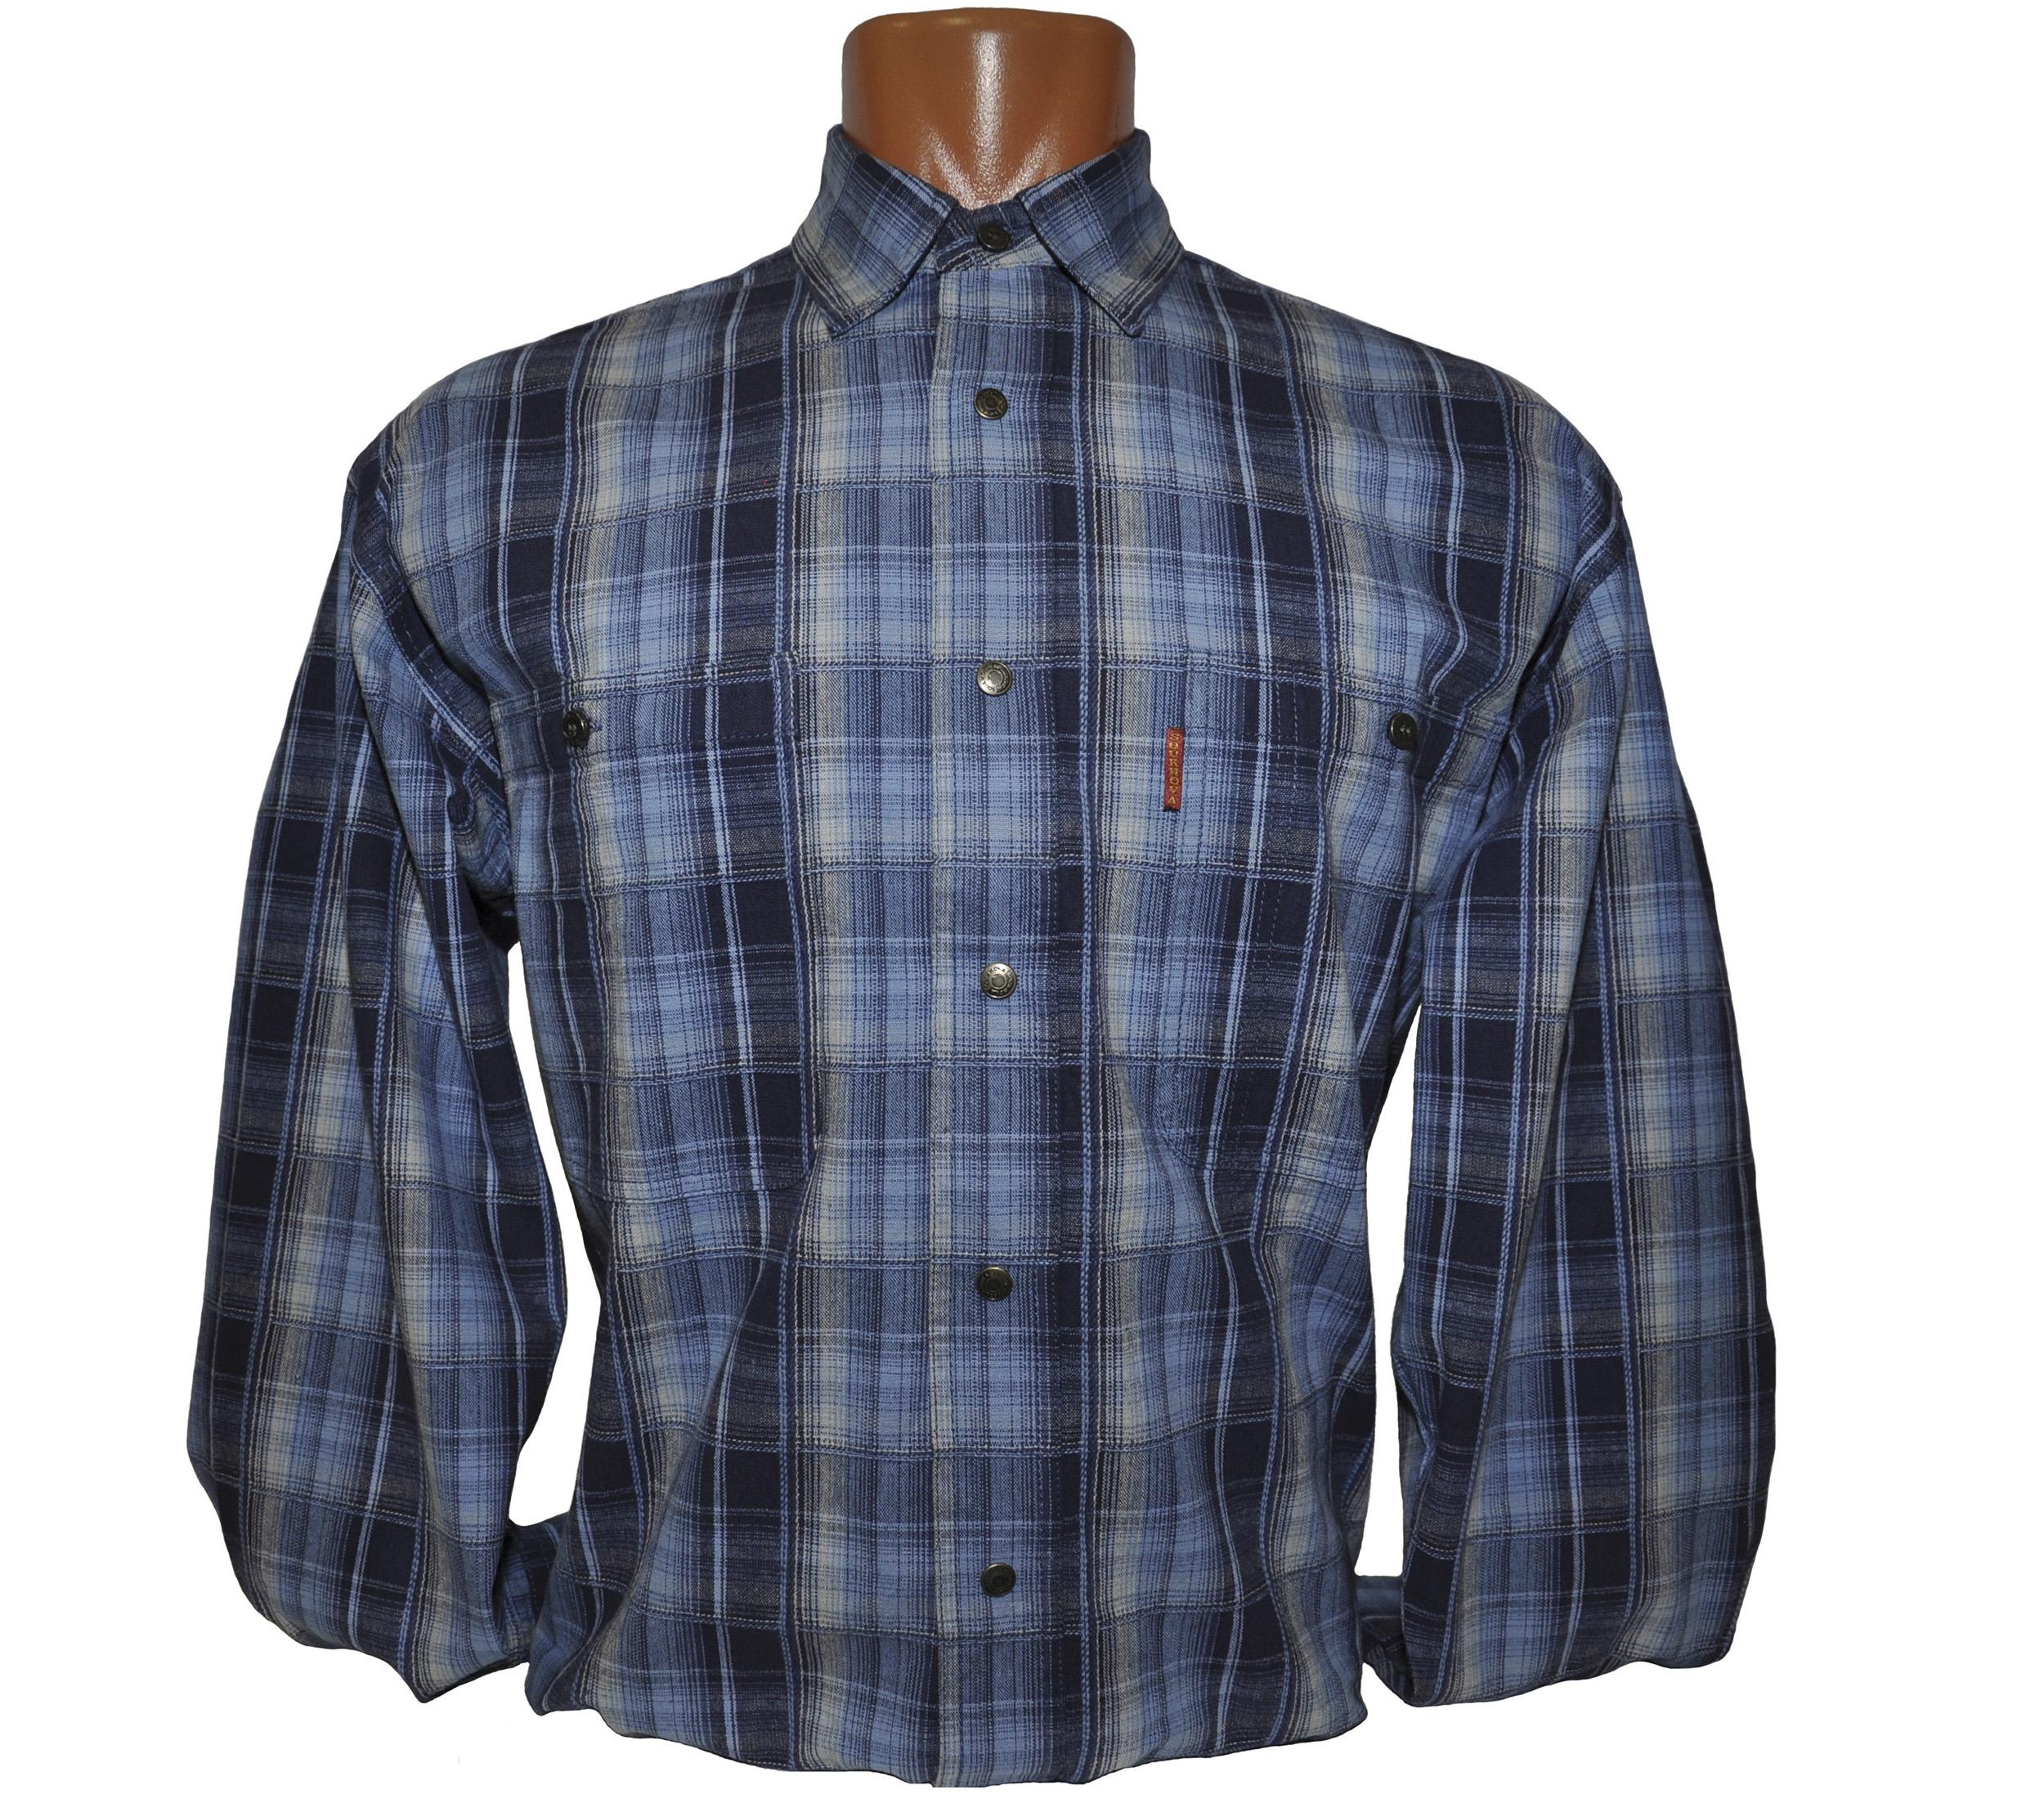 Мужская рубашка в средней величины светло-синюю клетку. Плотный материал